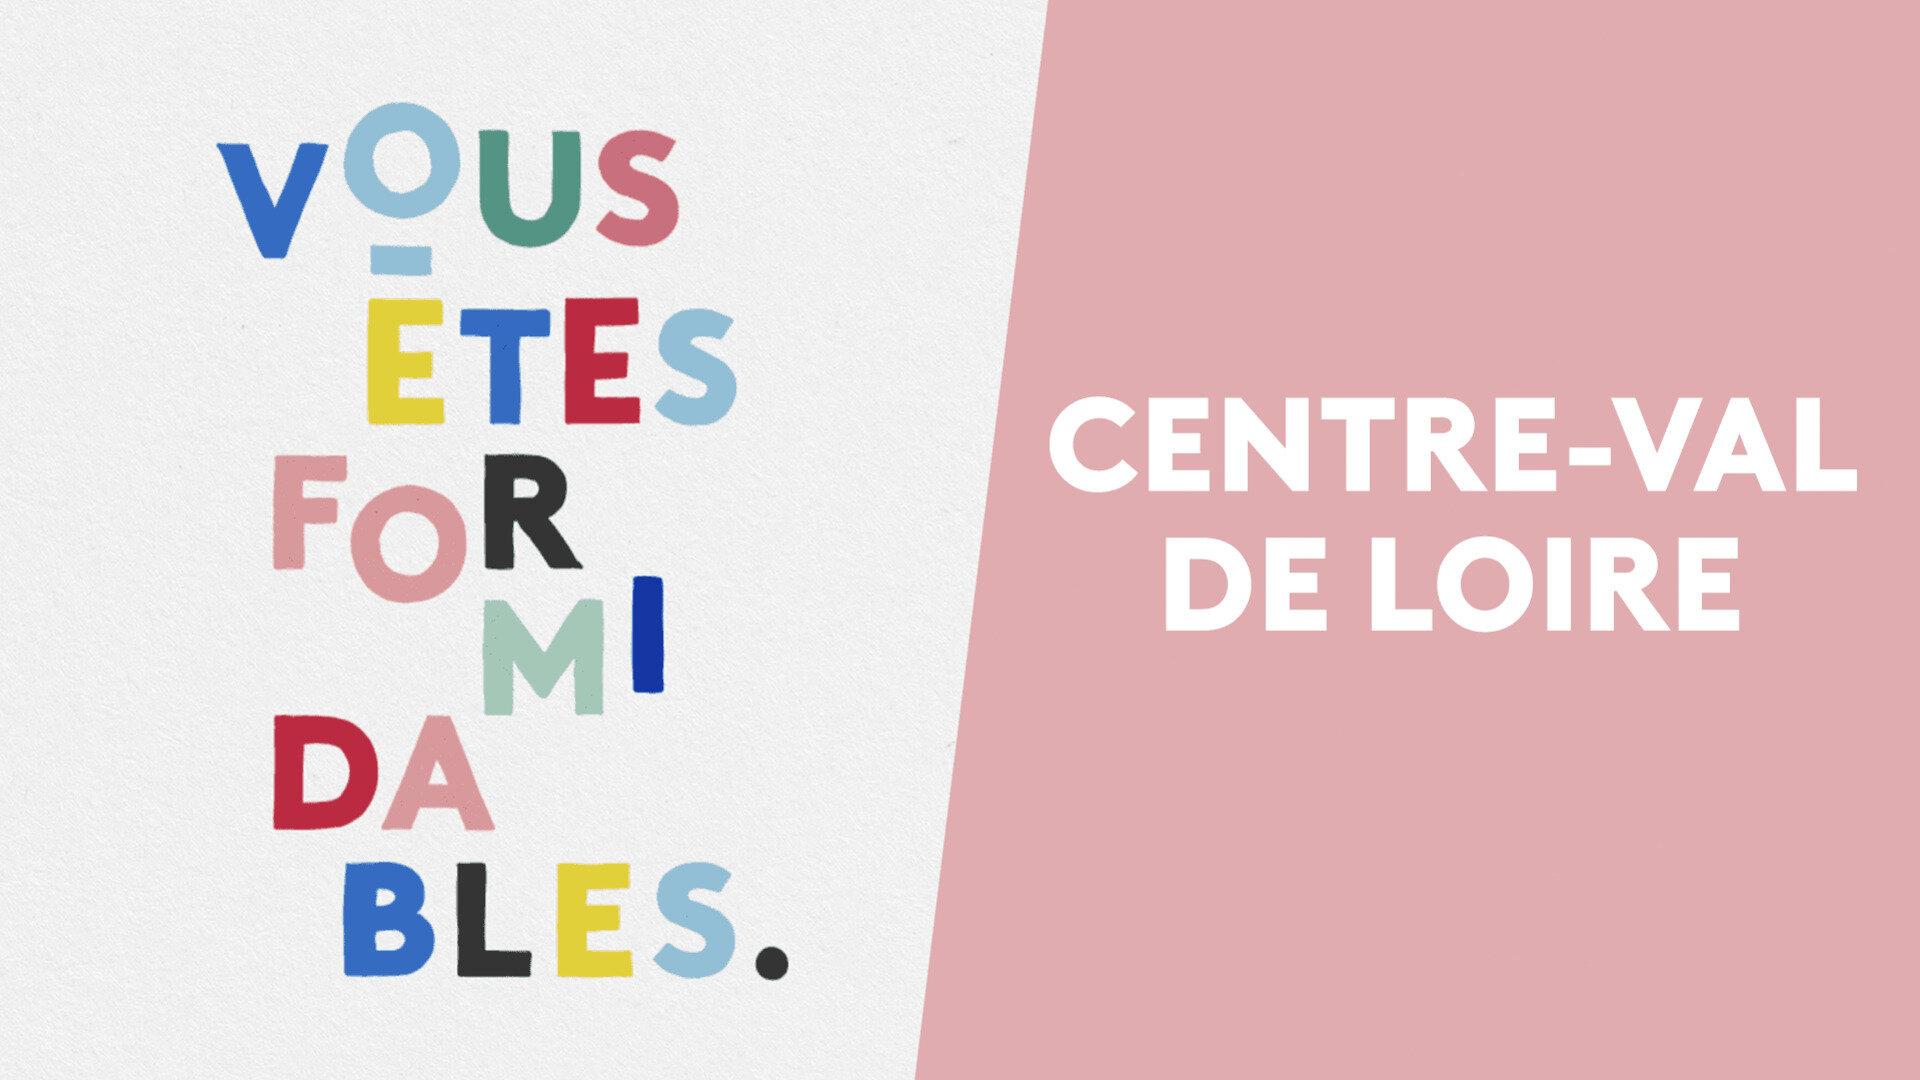 Vous êtes formidables - Centre-Val de Loire : Best of